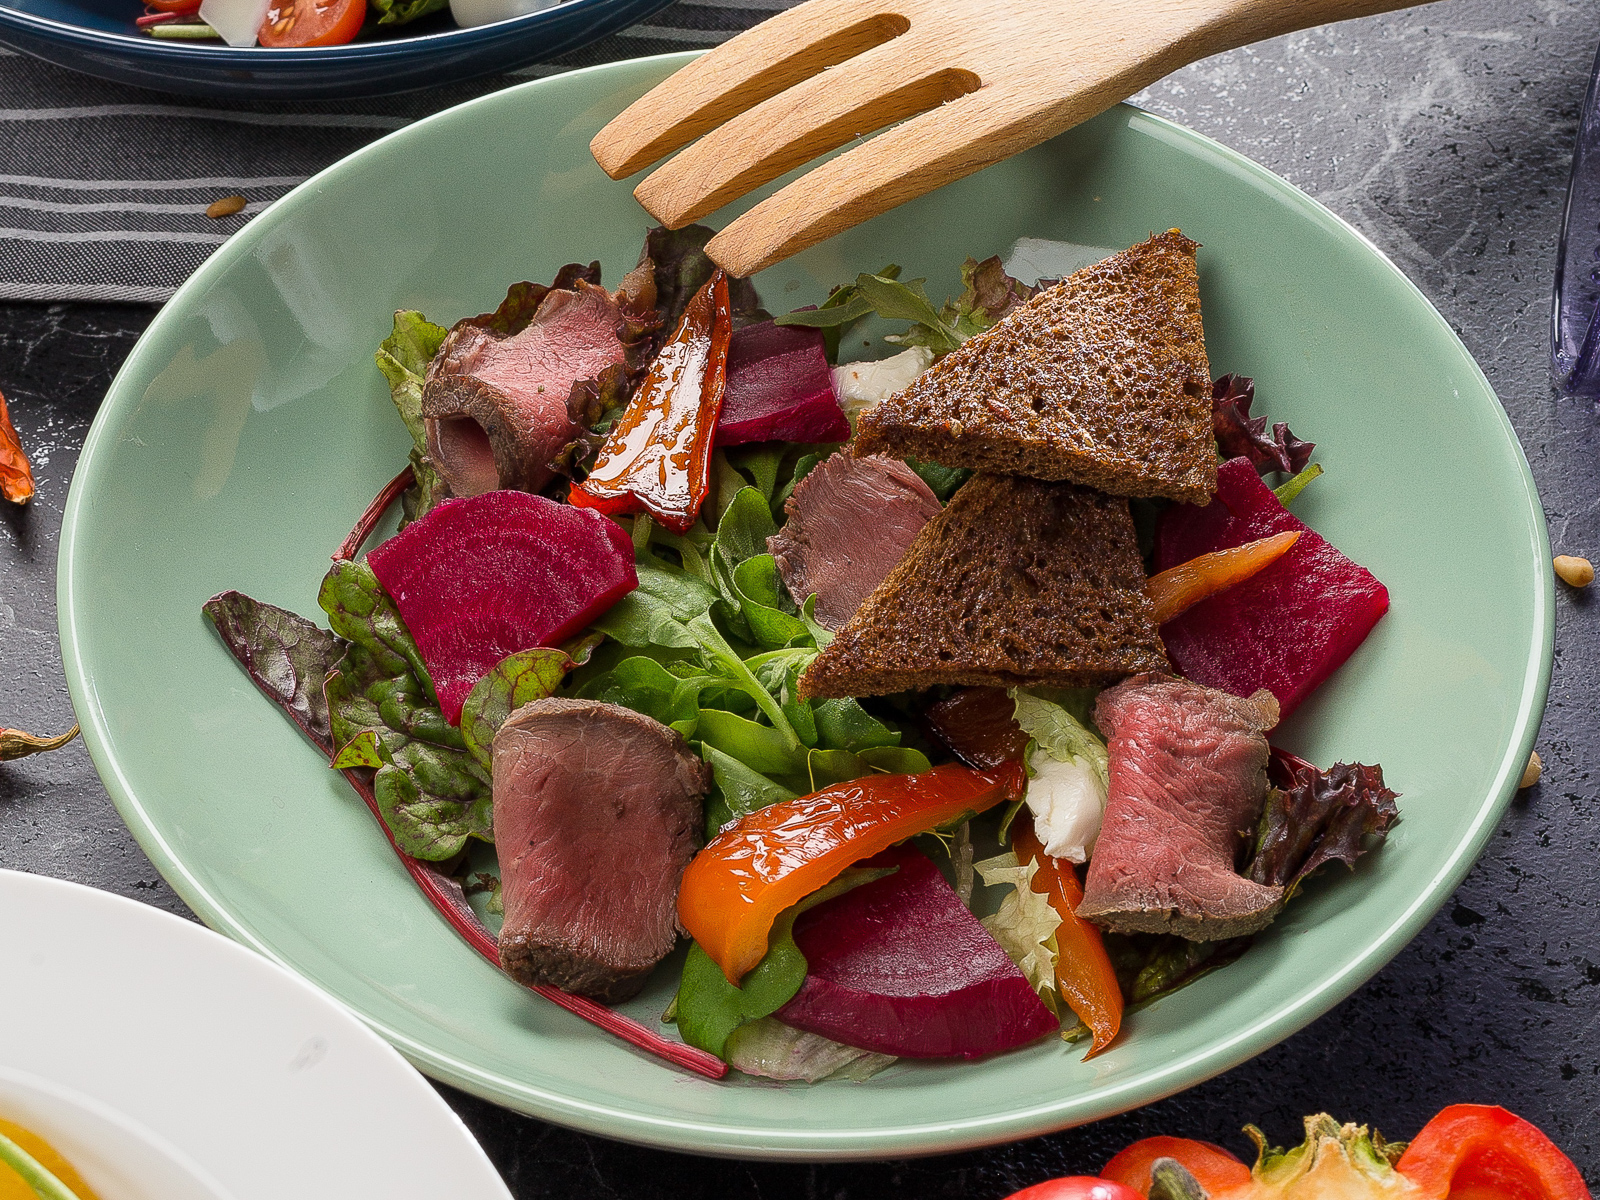 Салат теплый с ростбифом